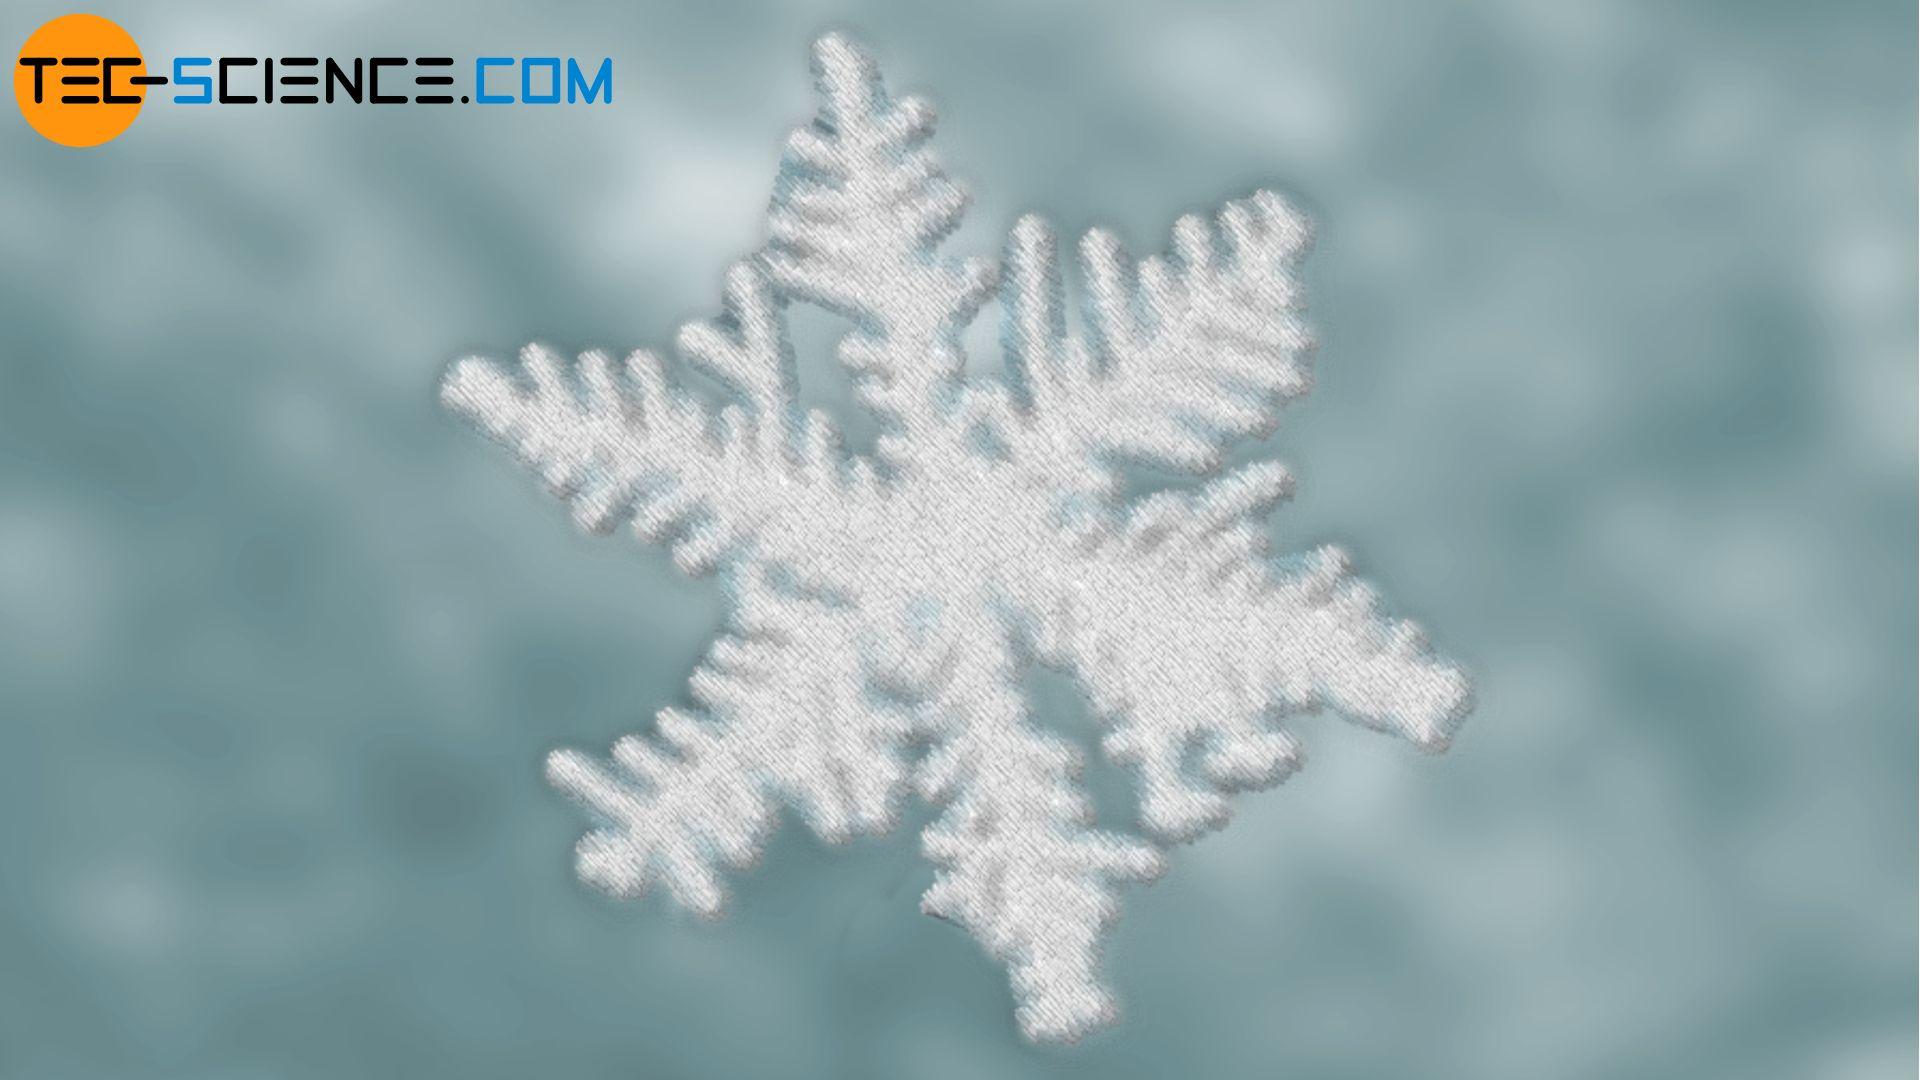 Kristallisation Schneeflocke